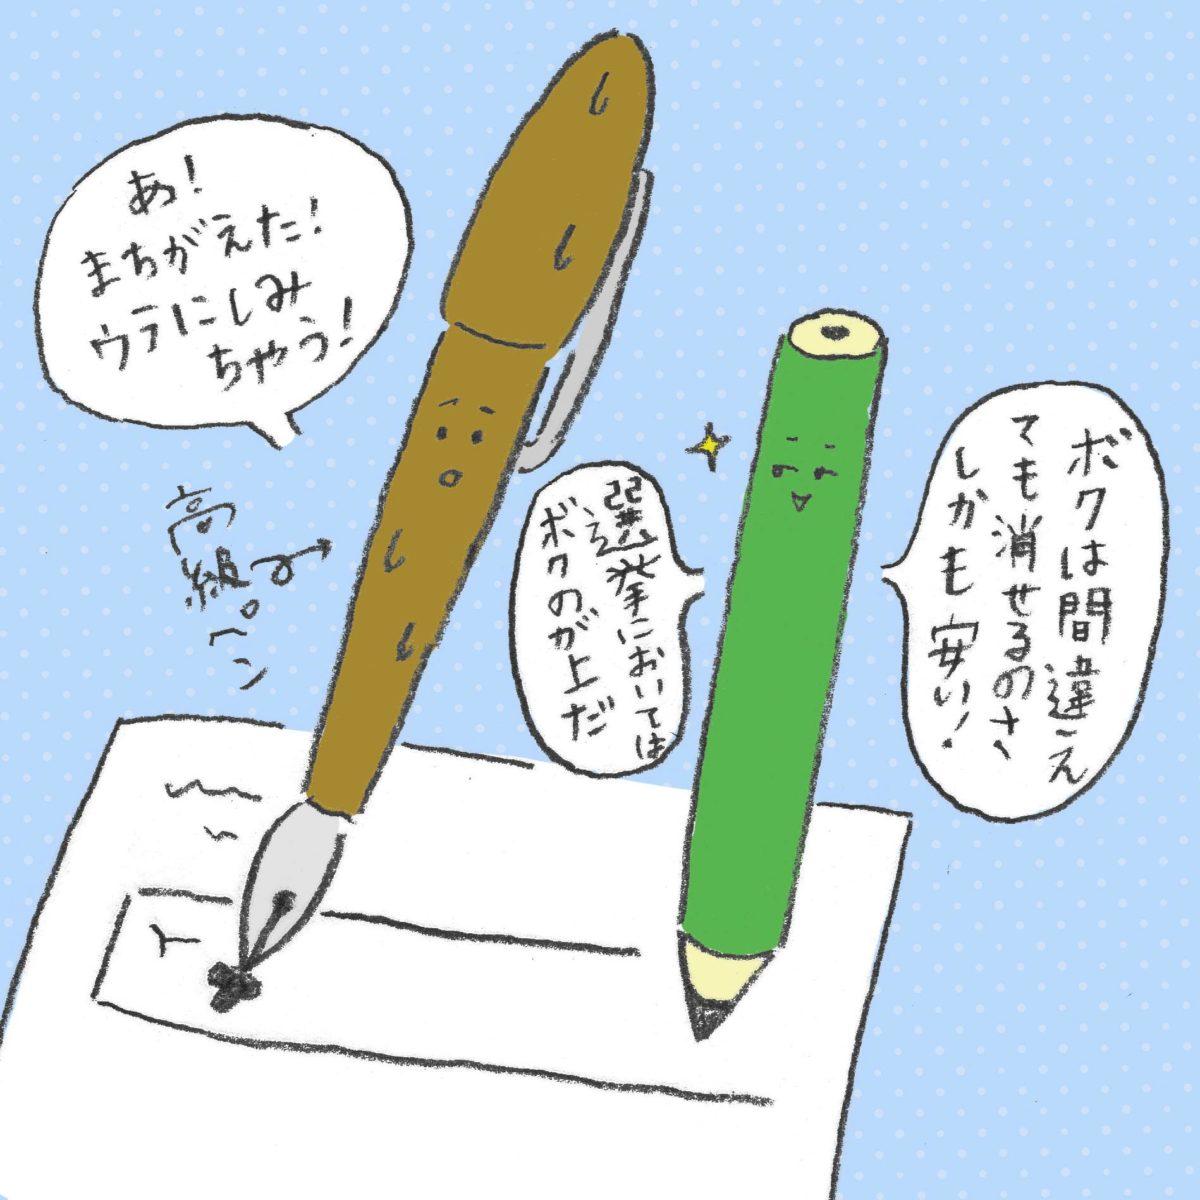 【コーナー名】選挙おもしろ小ネタ集 【コーナー名】選挙おもしろ小ネタ集 100% 10 投票用紙の記入、なぜ鉛筆? スクリーン リーダーのサポートが有効になっています。 投票用紙の記入、なぜ鉛筆? 匿名クアッガ さんがドキュメントの編集を終了しました。